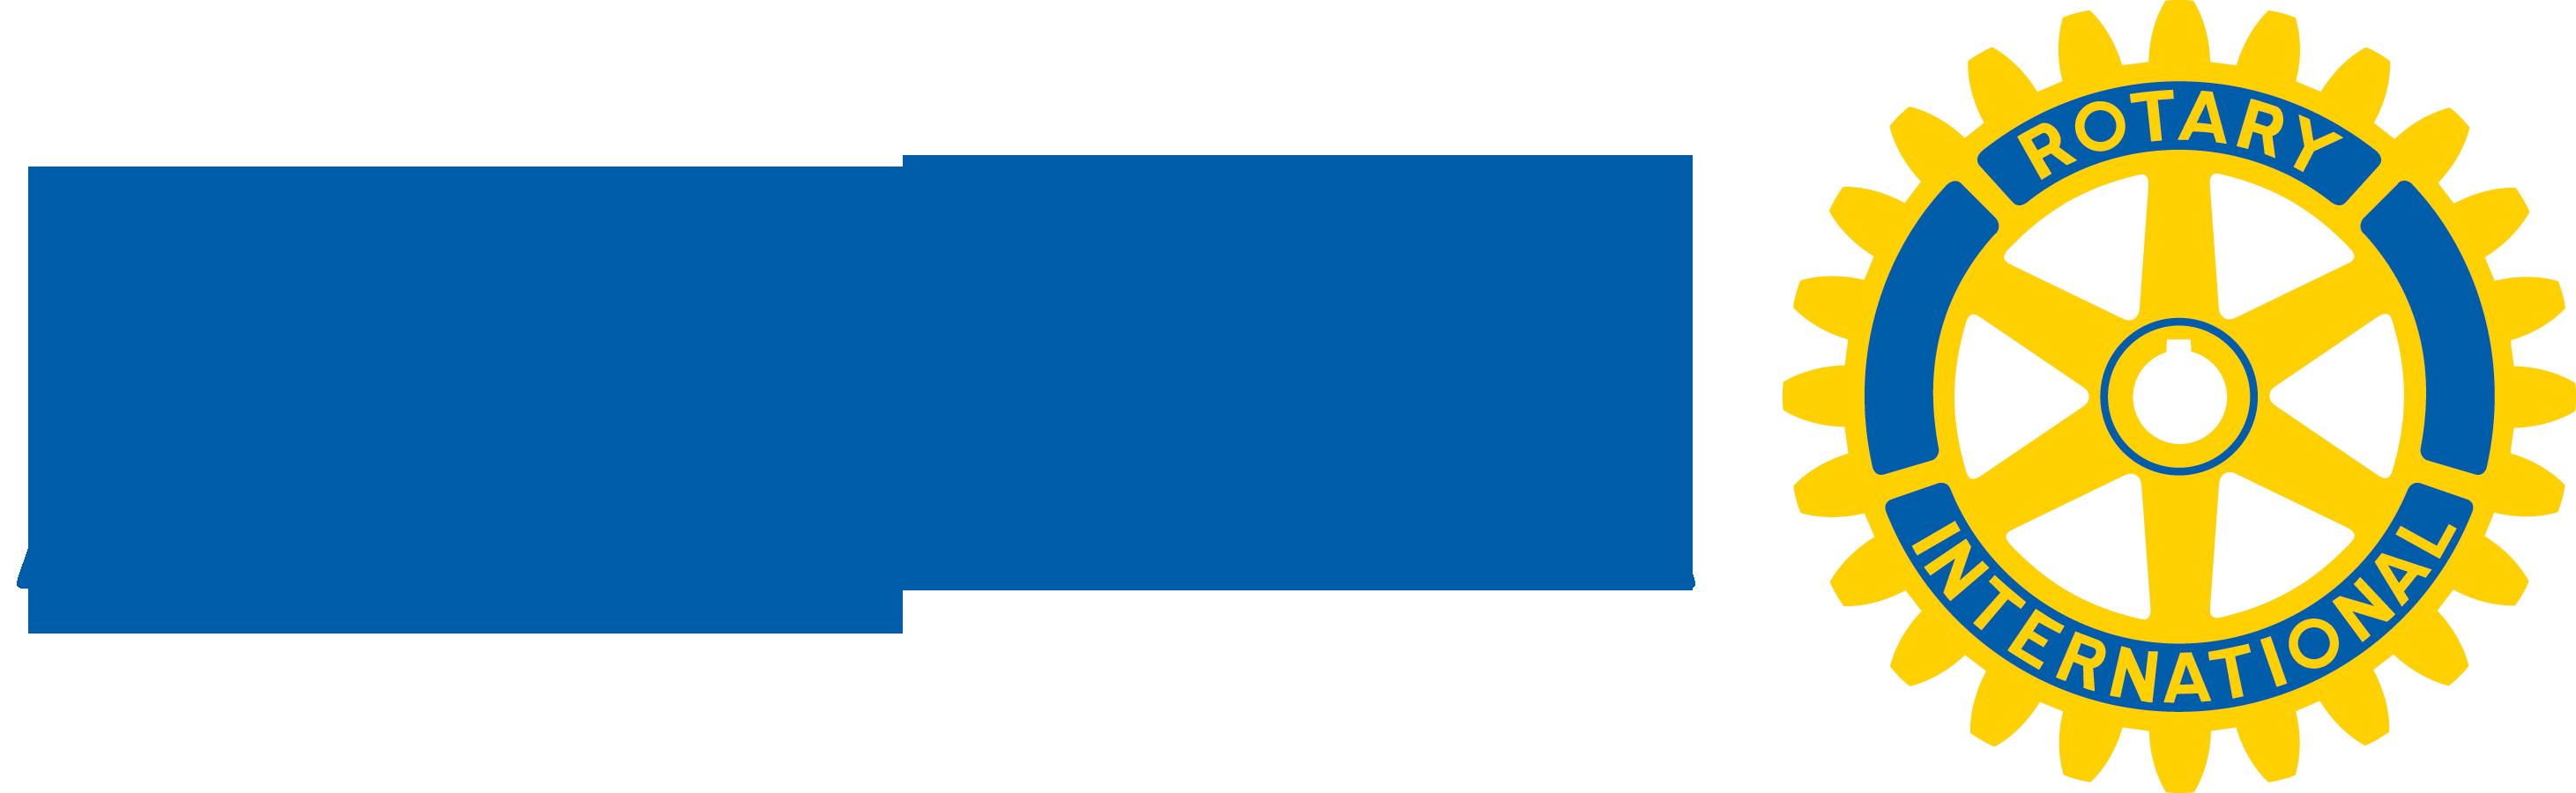 Albany Port Rotary